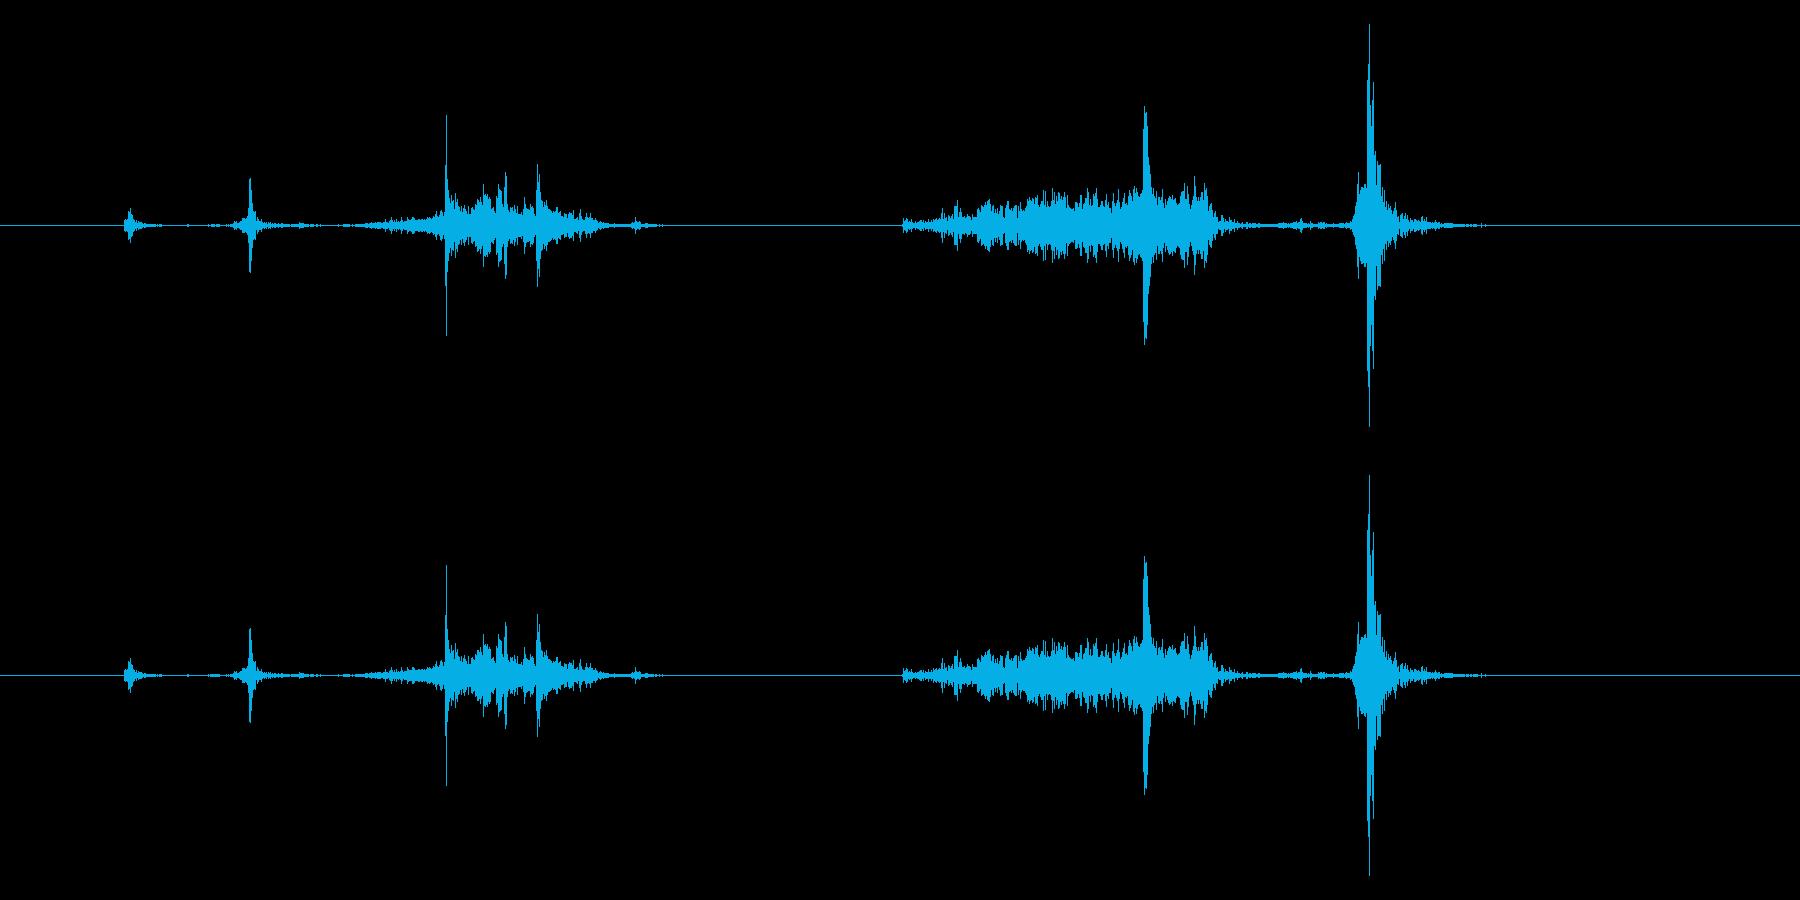 PC ハードウェア01-07(PCカードの再生済みの波形